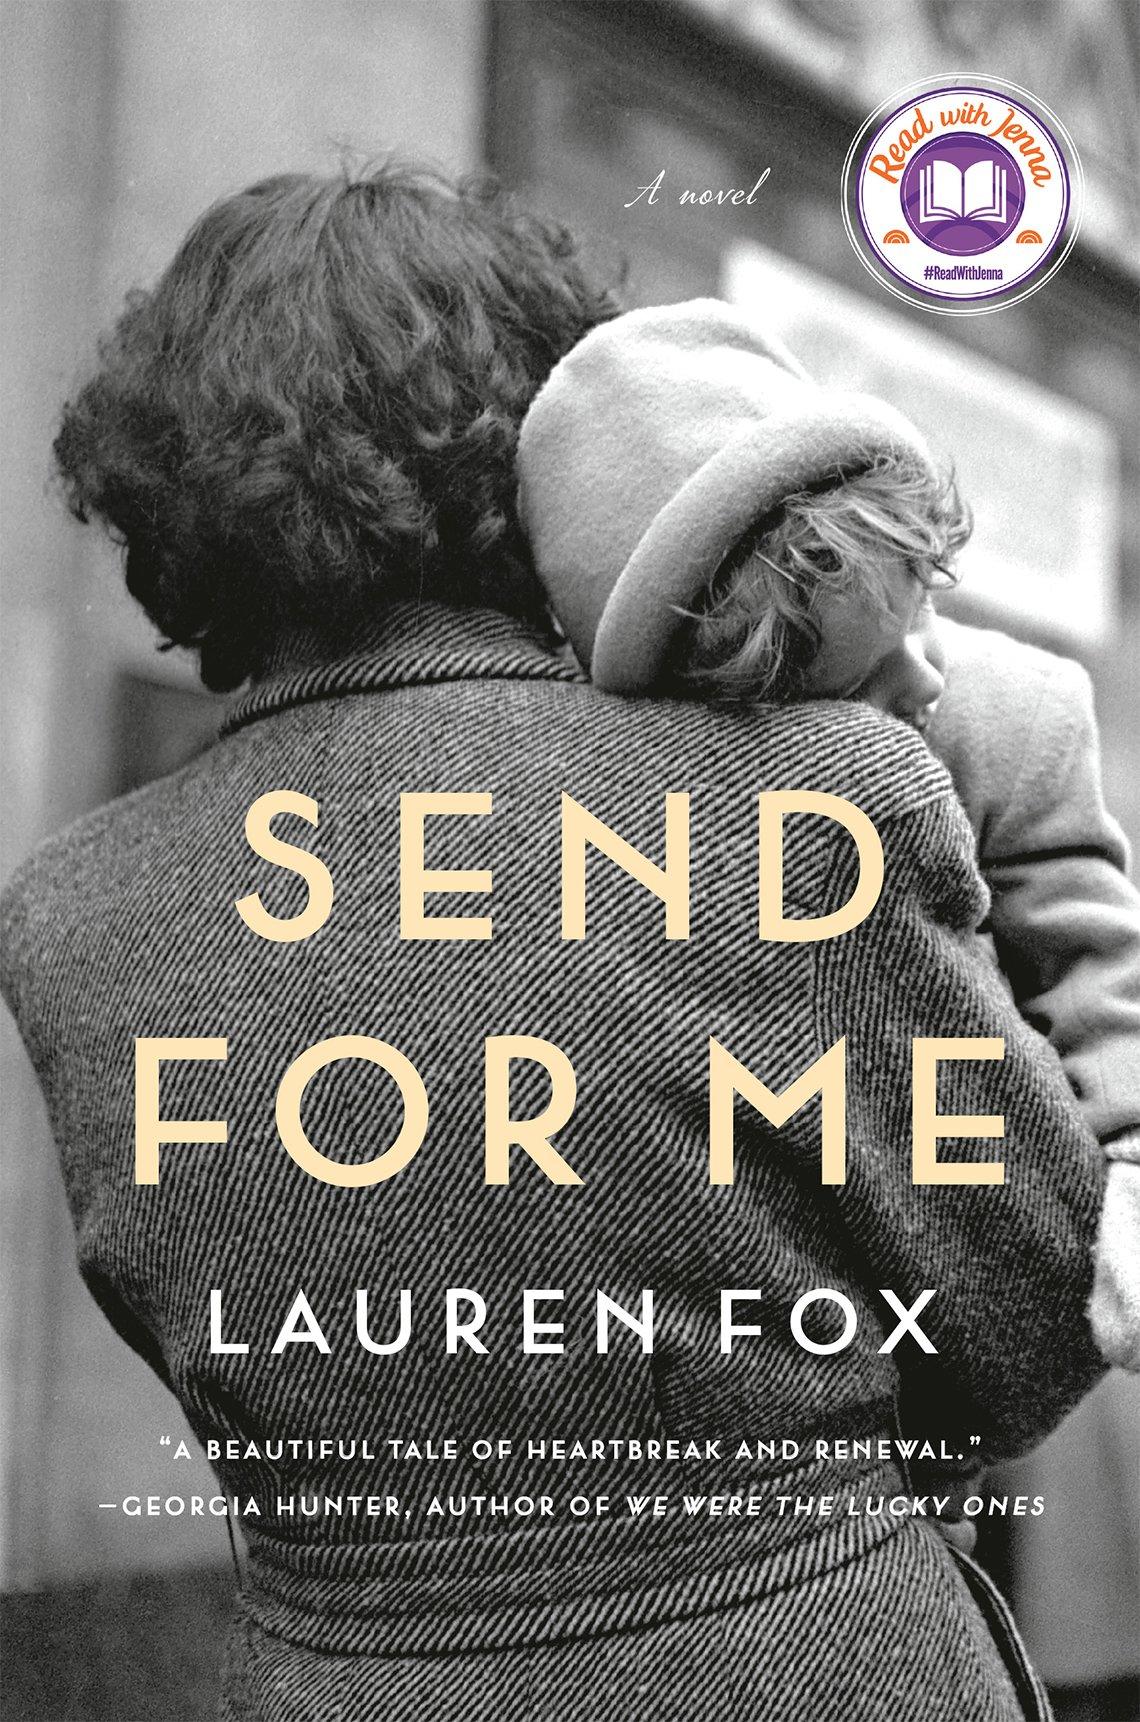 lauren fox send for me